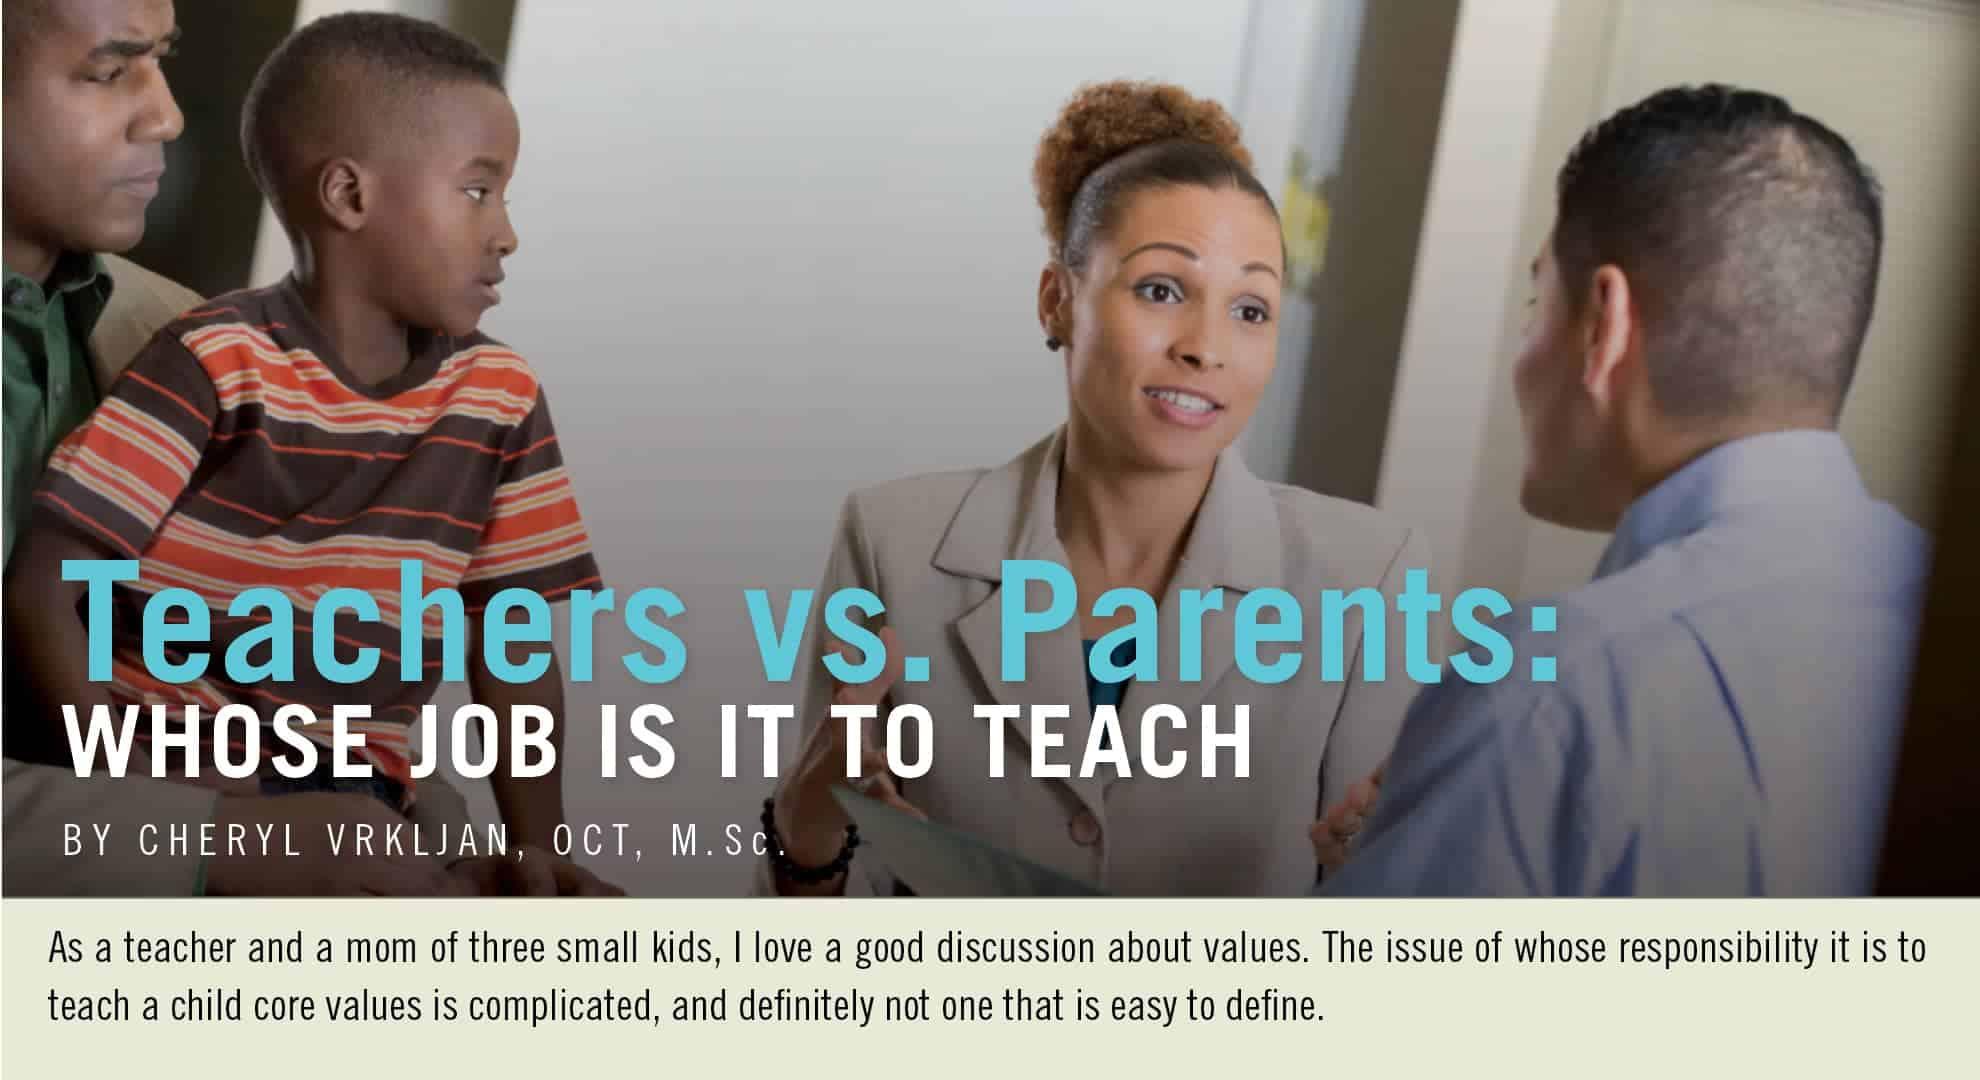 Teachers vs. Parents - Whose Job Is It to Teach